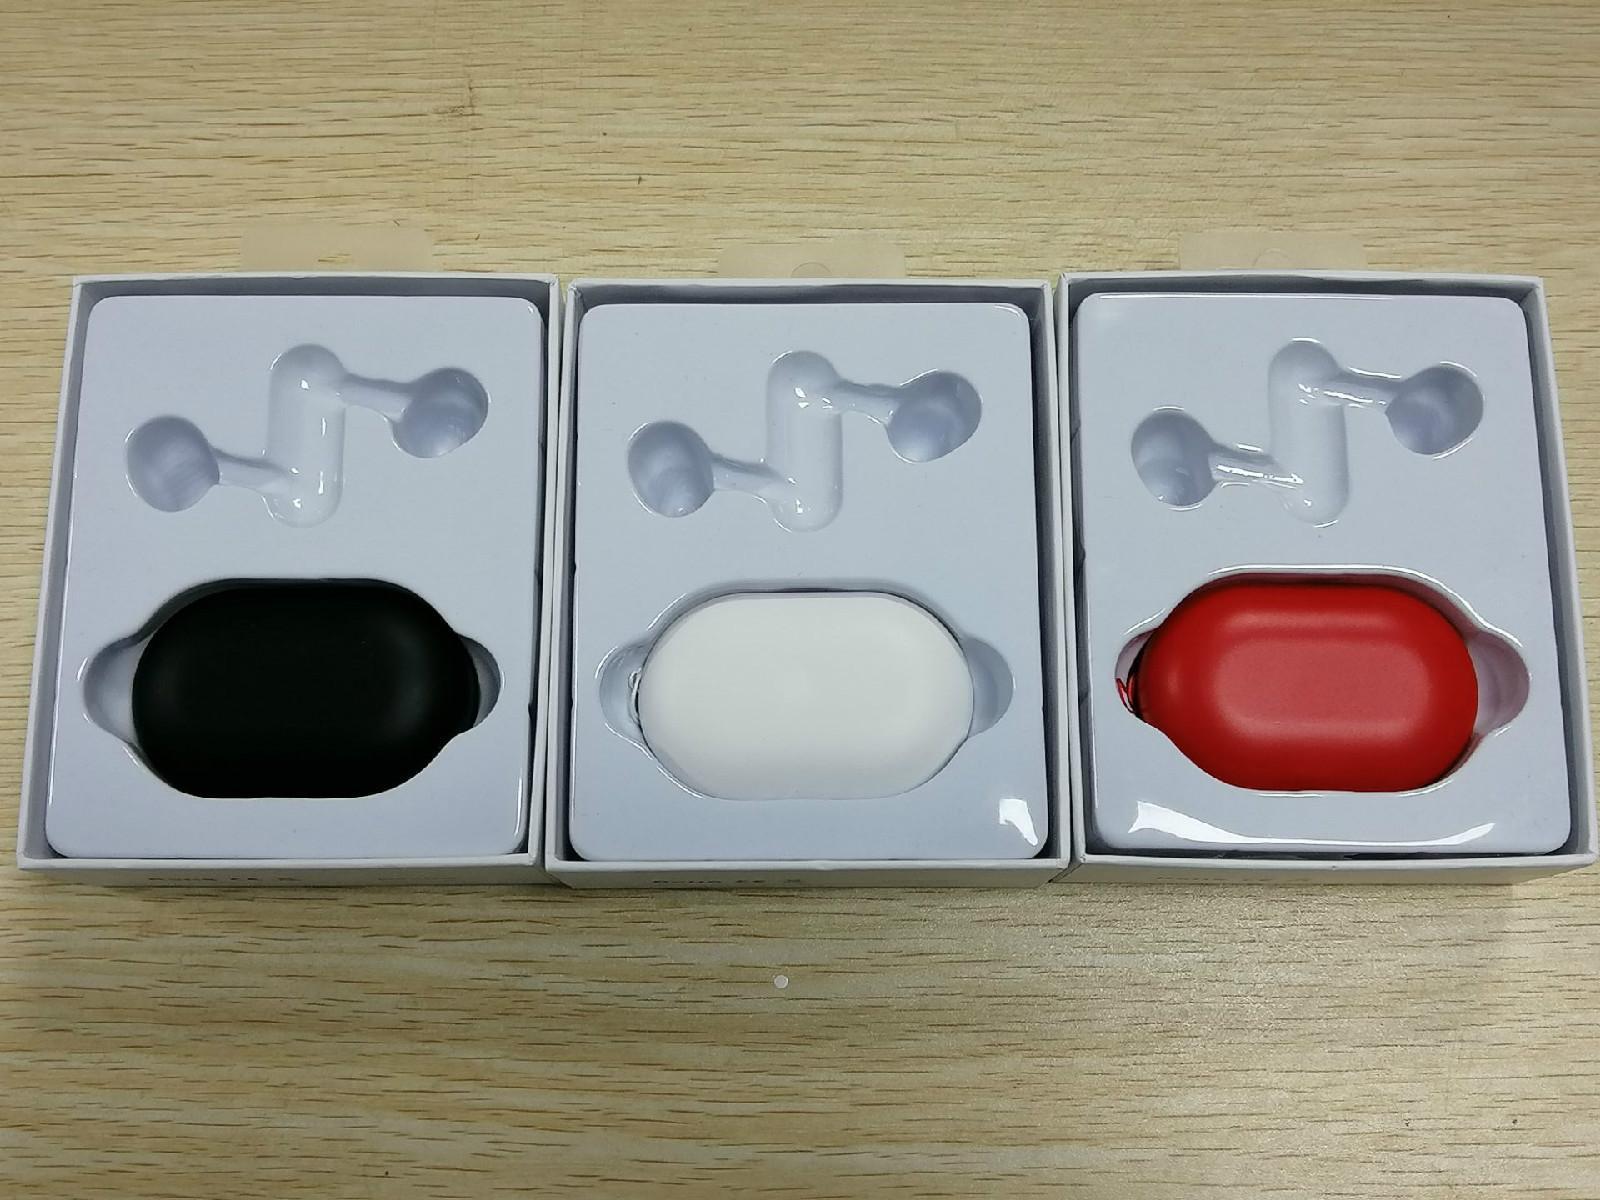 Posto sem fio 3 Headset Bluetooth macaron gancho fone de ouvido Fones de ouvido Power Pro 8HR vs F9 para iPhone x 11 Samsung s10 universal